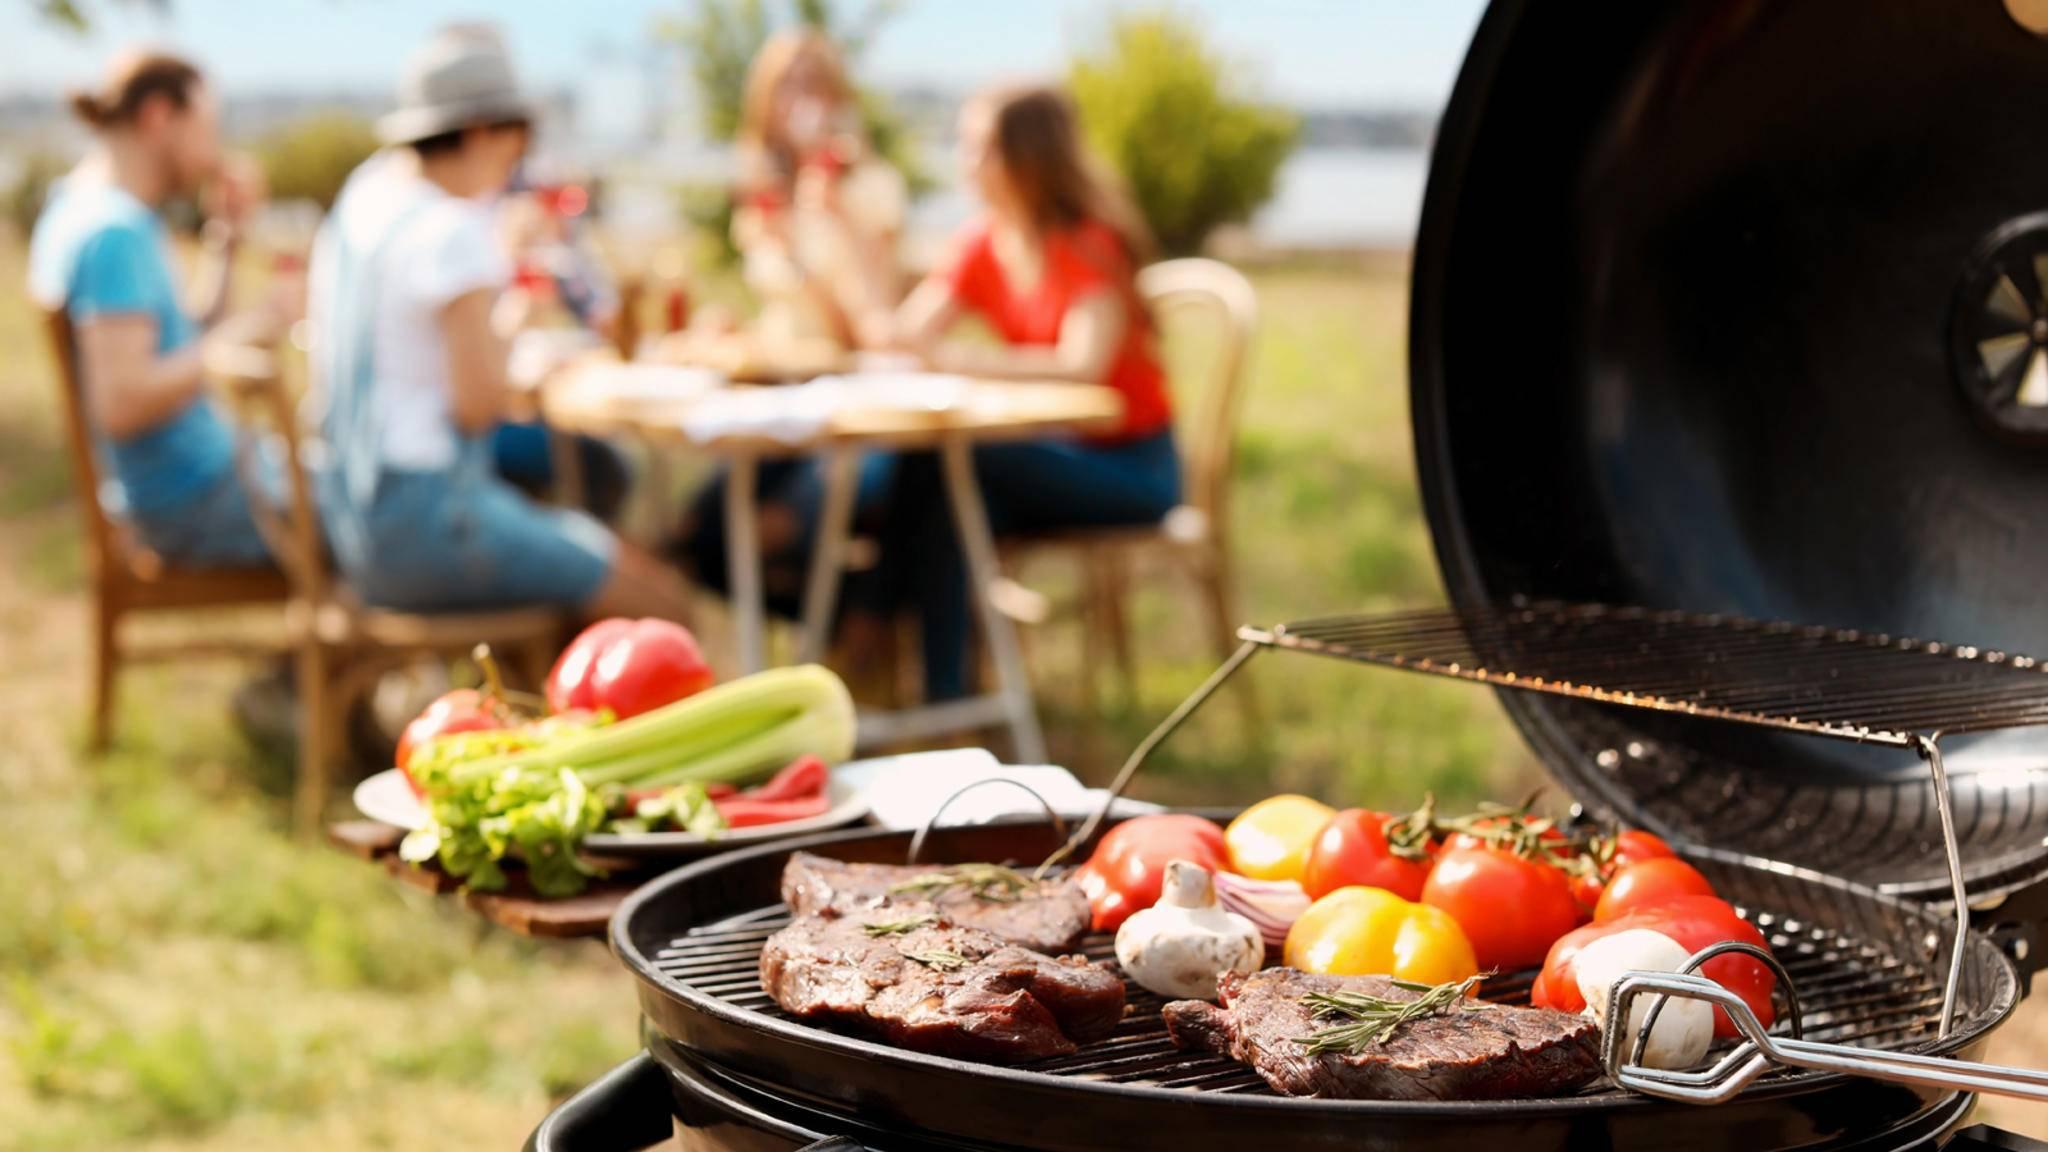 Grillen Fest Fleisch Gemüse